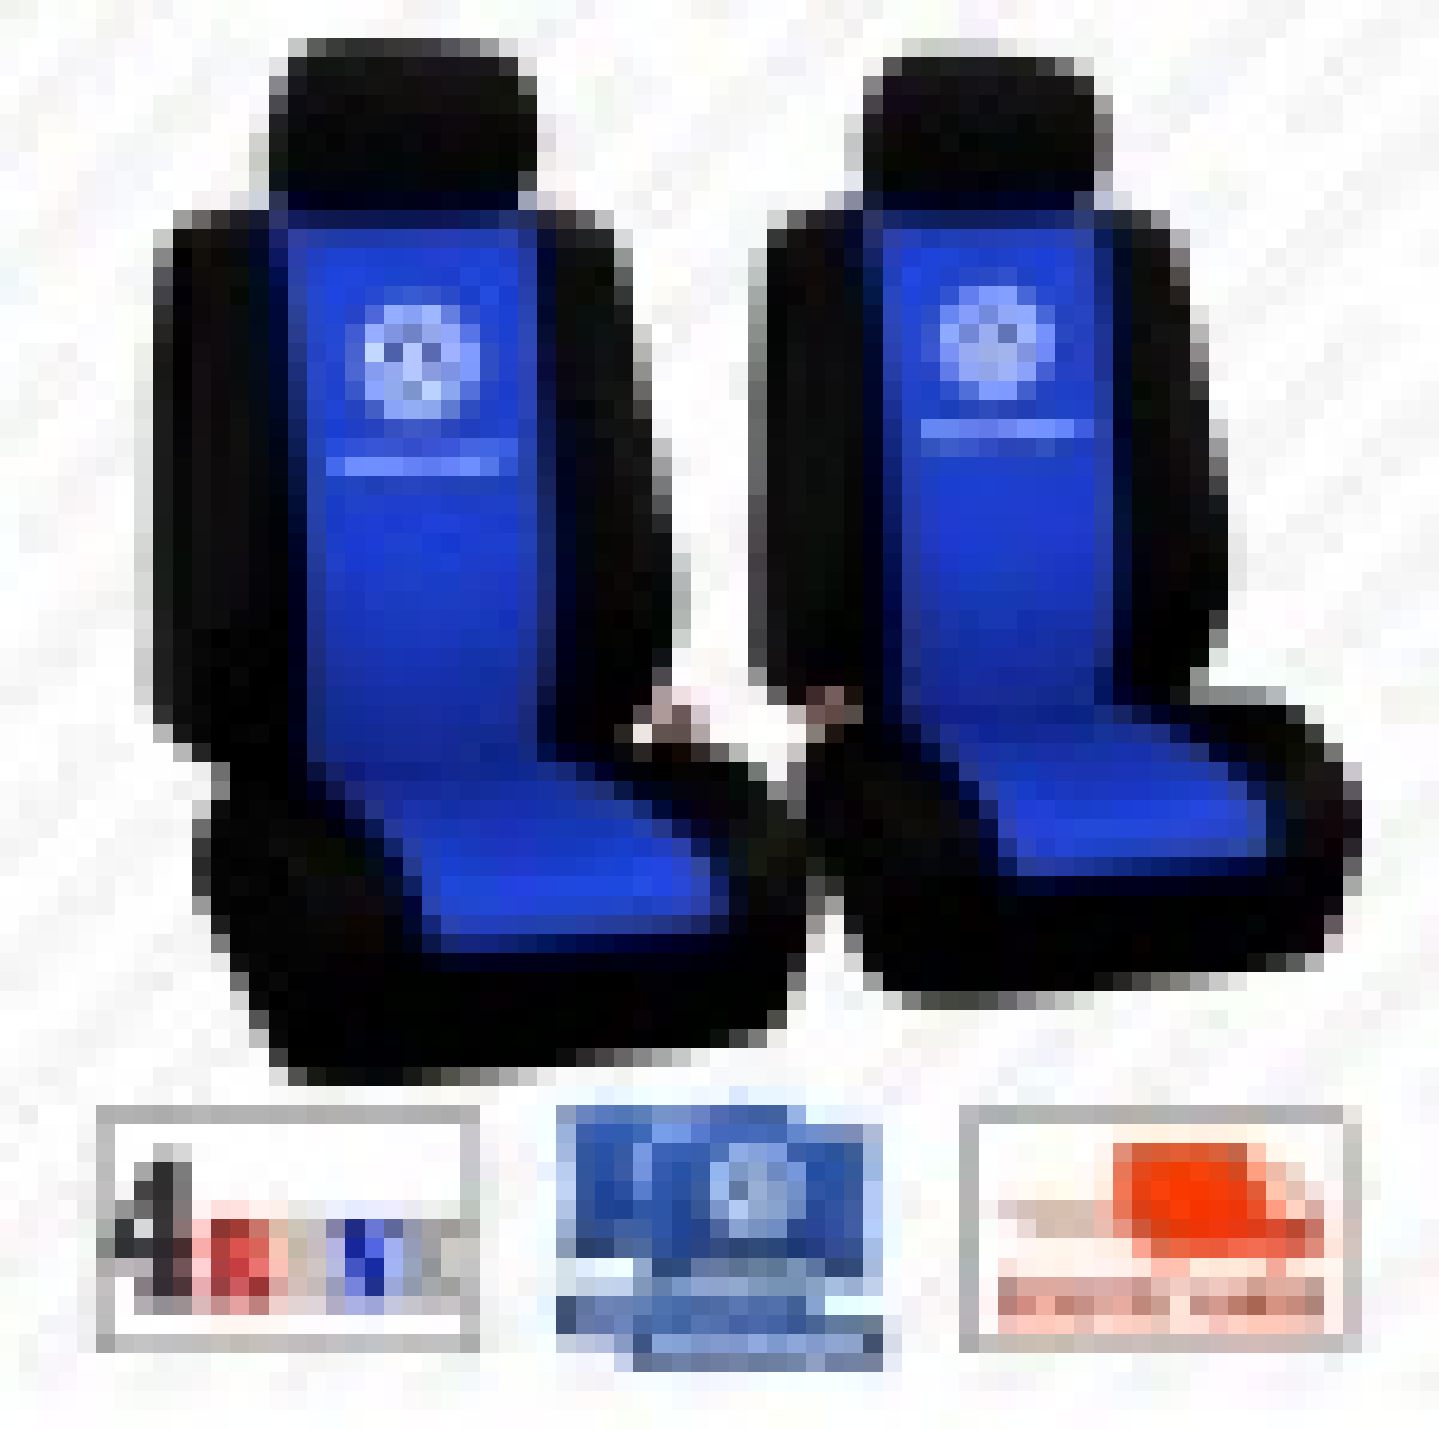 VW Oto Koltuk Kılıfı Set KUMAŞ +2 Lİ YASTIK 2 Lİ KEMER HEDİYE MODEL SEÇİNİZ TÜM ARAÇLAR